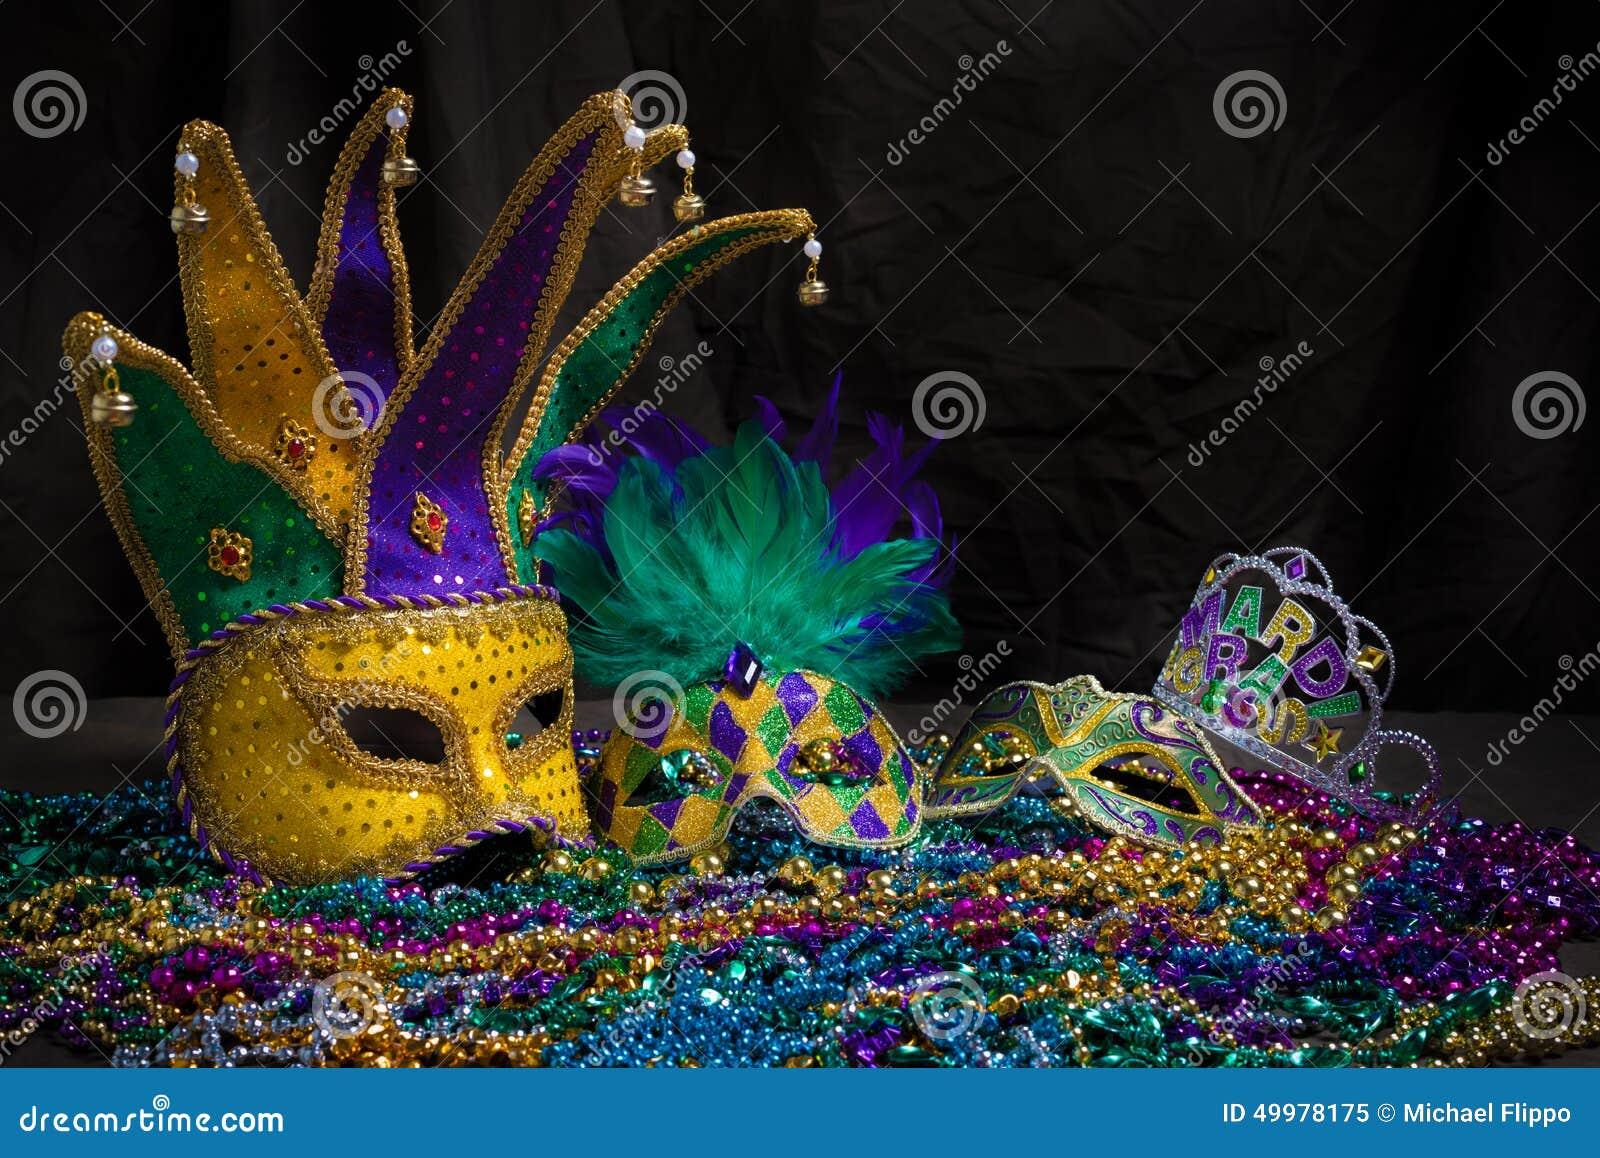 Mardi Gras Masks on dark Background